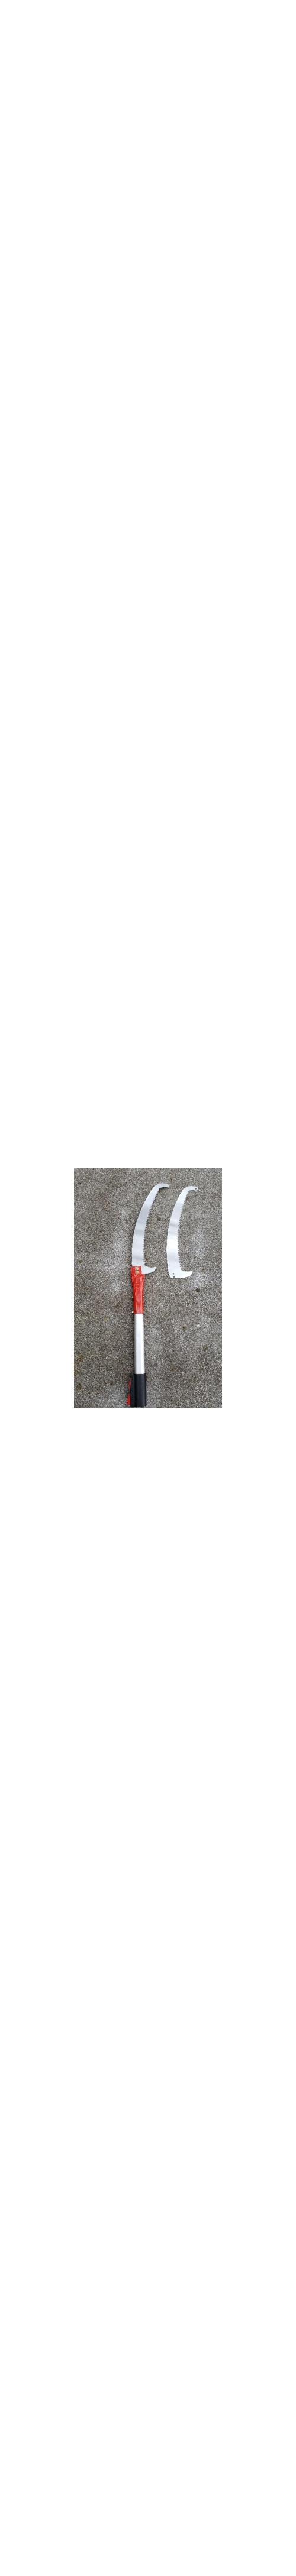 telescopic pole saw, pole pruning saw, pole saw